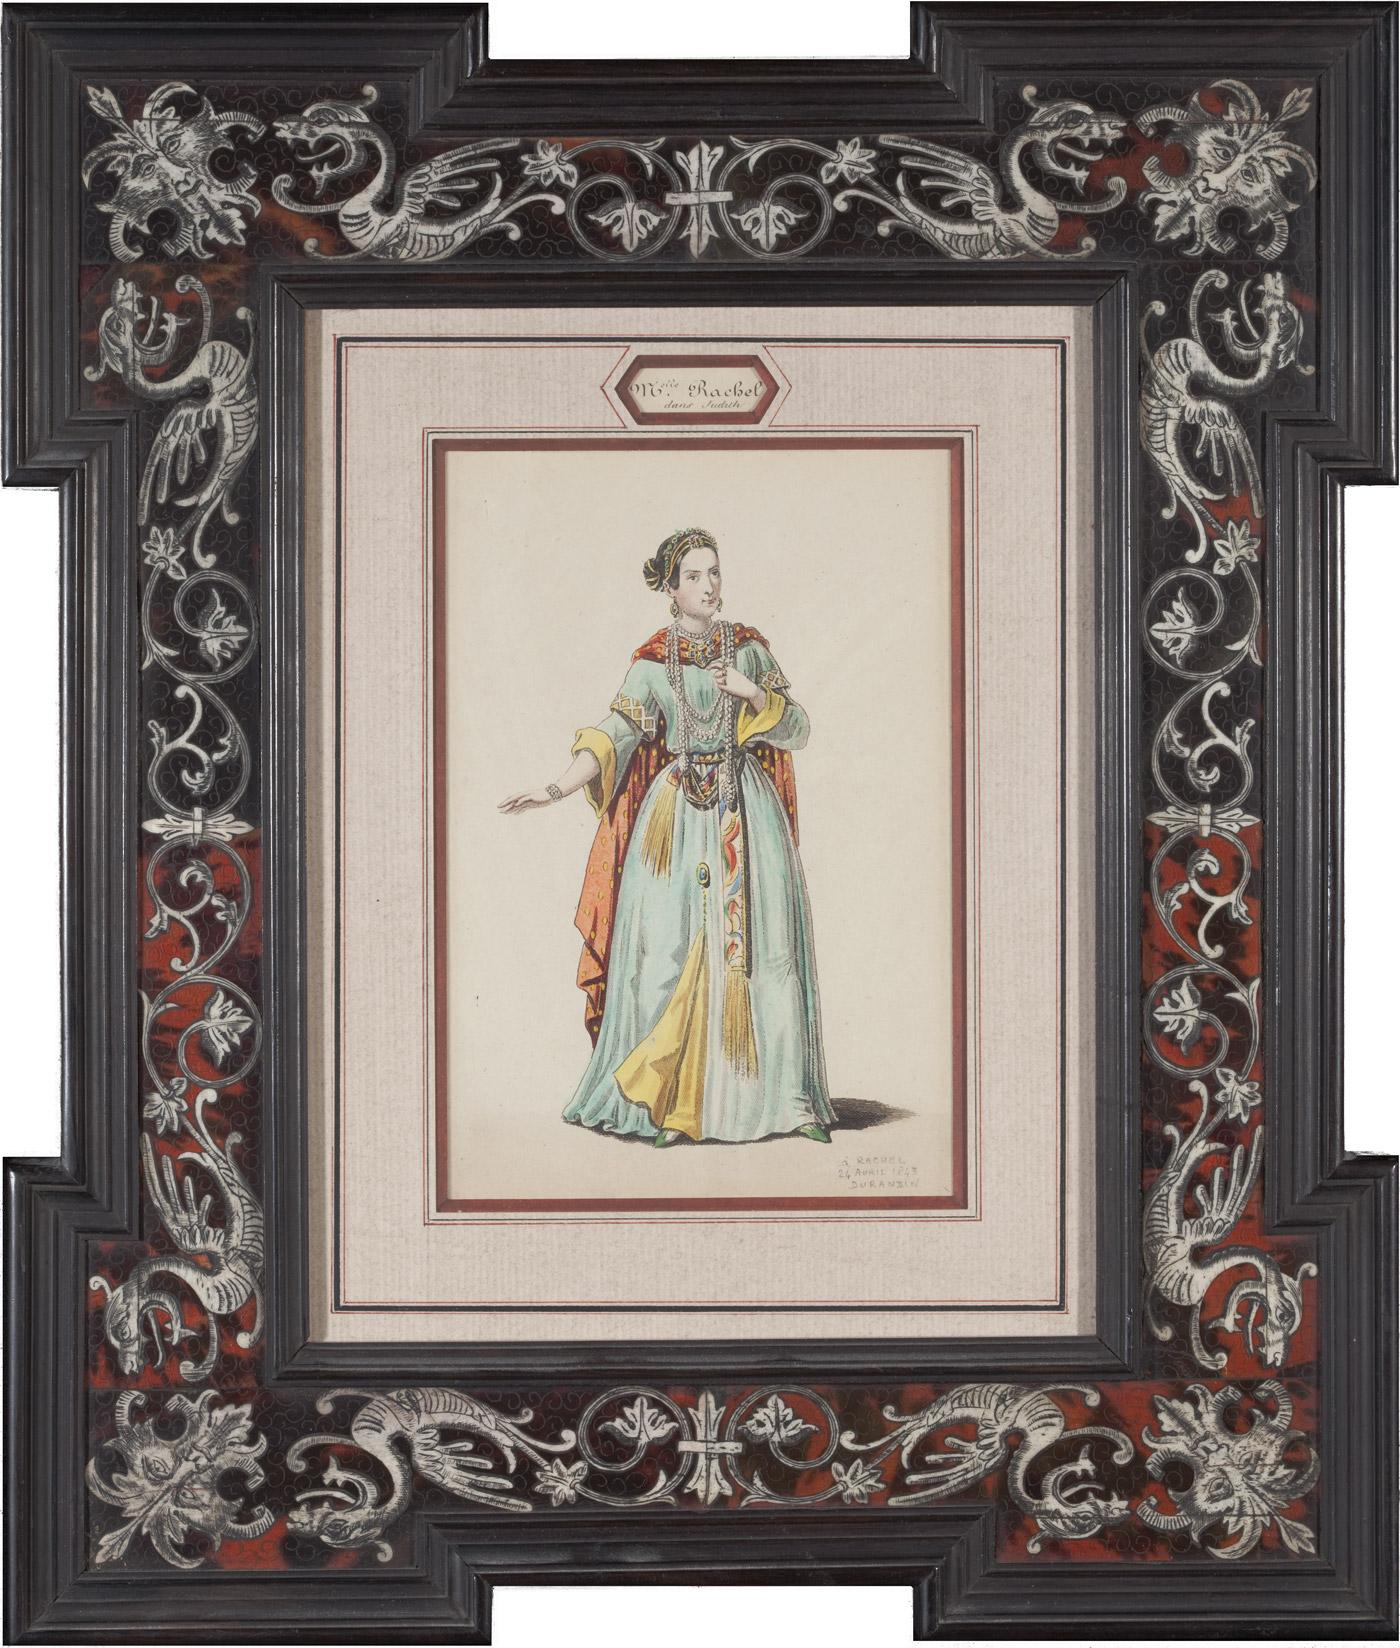 Aquarelle : Rachel dans le rôle de Judith par Durandin - Patrimoine Charles-André COLONNA WALEWSKI, en ligne directe de Napoléon